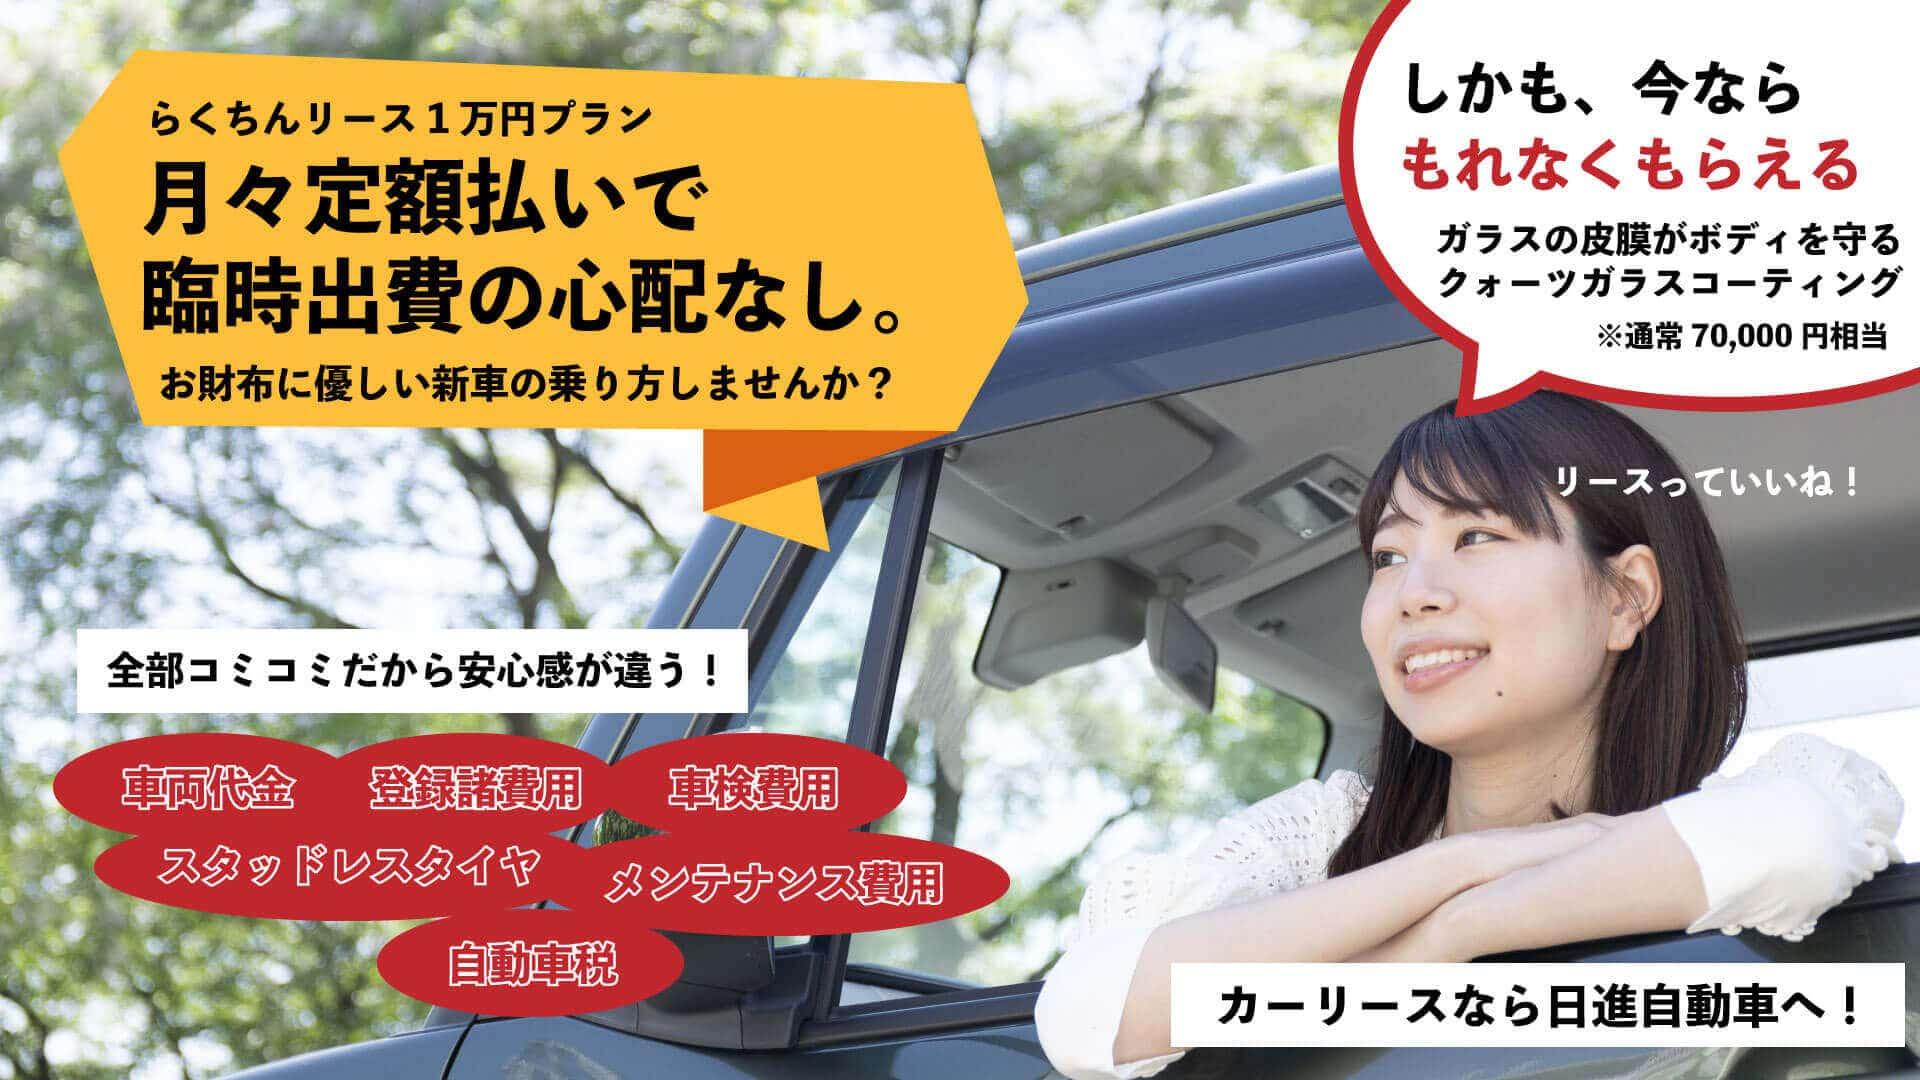 カーリースなら松江市東朝日町の日進自動車へお任せください!